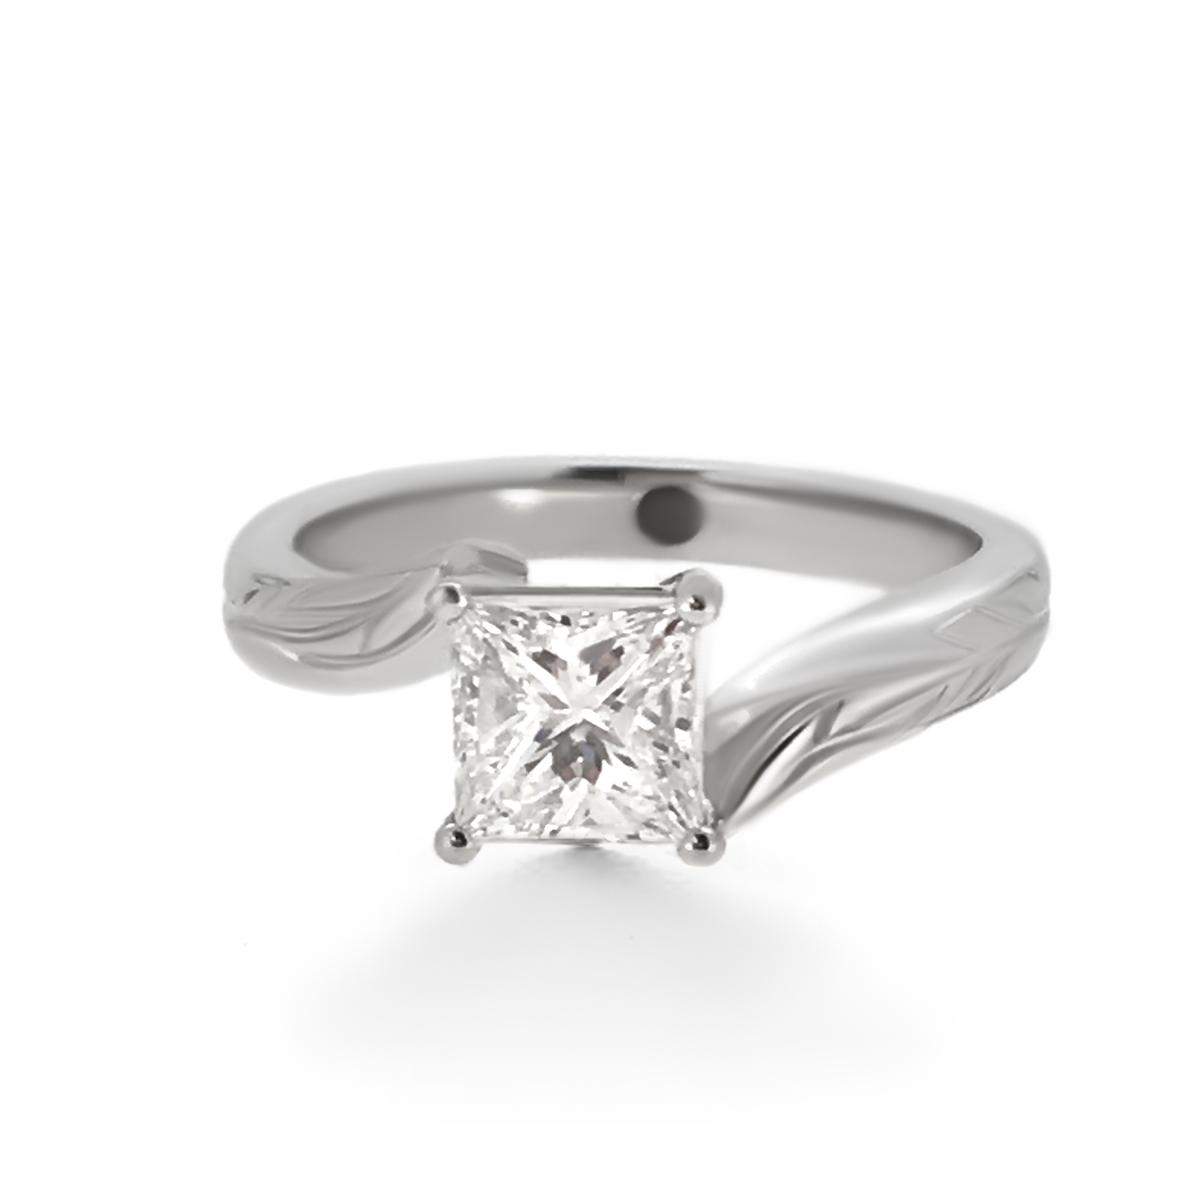 Modern Princess Cut Diamond Engagement Ring - Haywards of Hong Kong